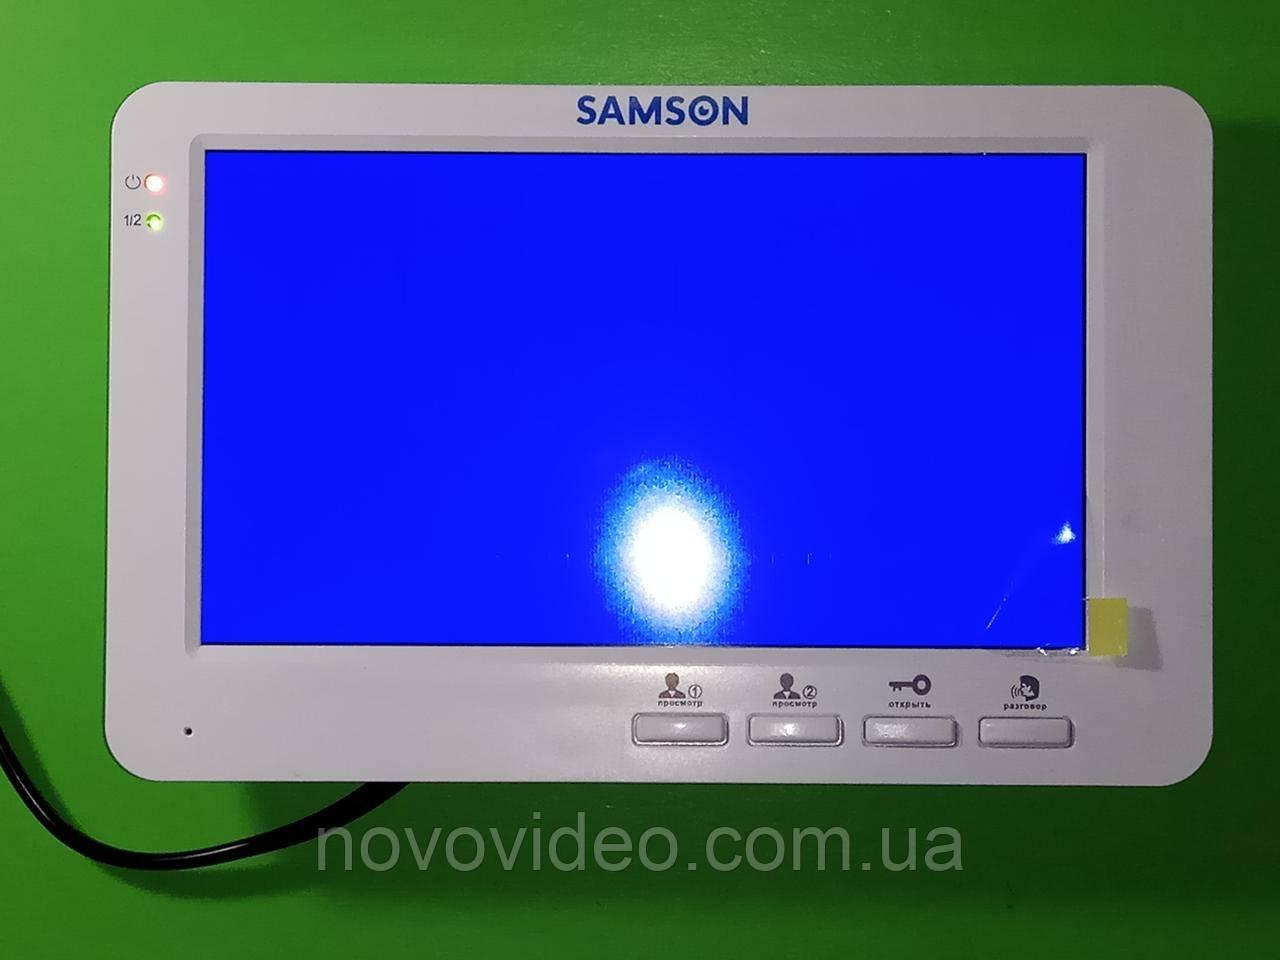 Видеодомофон цветной на 7 дюймов SW-75L